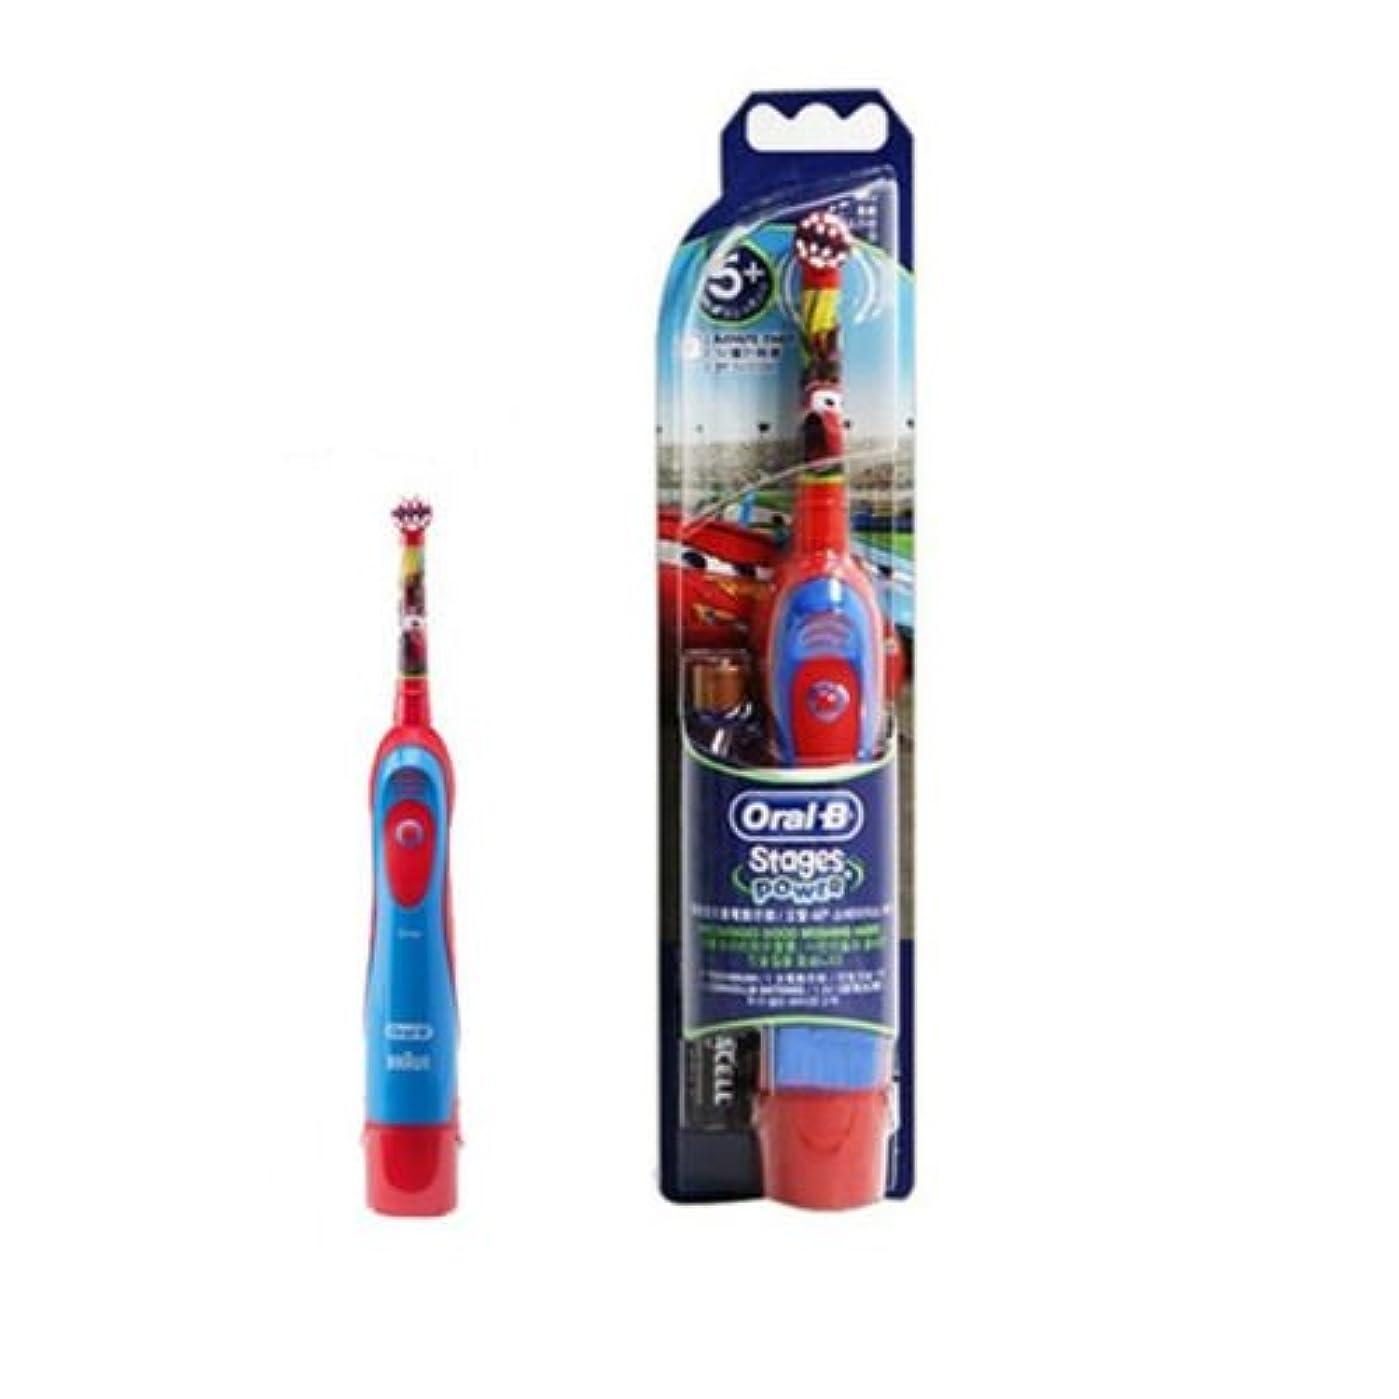 最初はミネラル差し控えるBraun Oral-B D2 D2010 Disney Car Kids 電動歯ブラシ [並行輸入品]